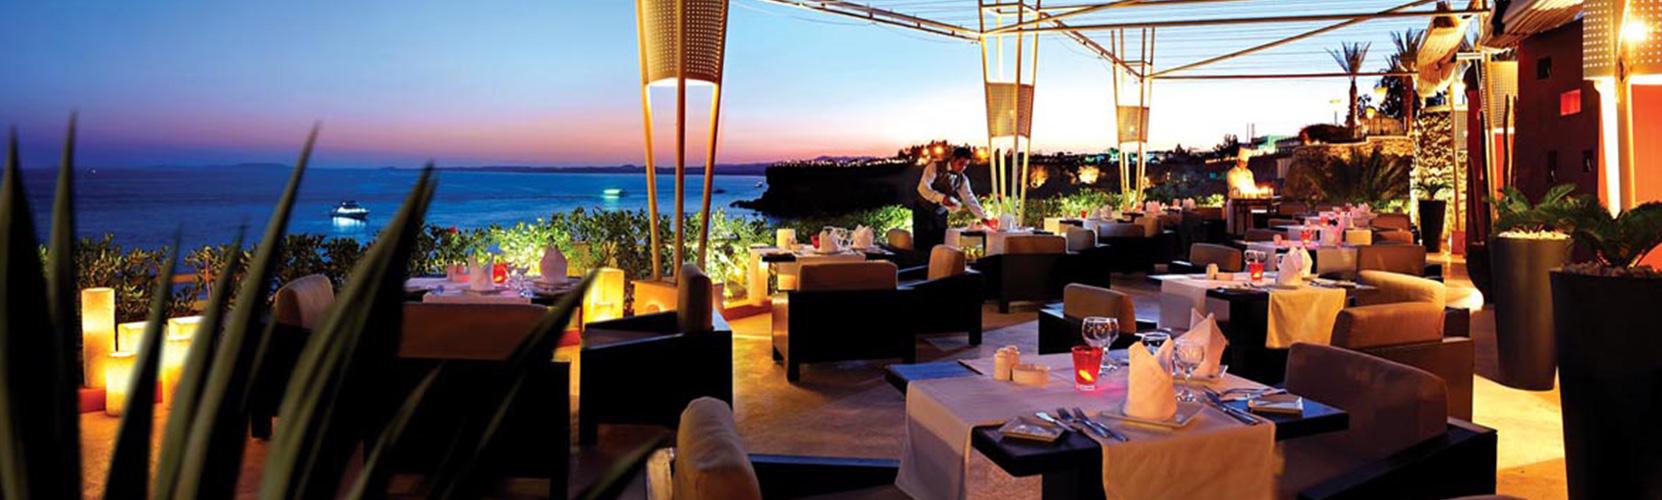 Reef Oasis Beach Resort image34